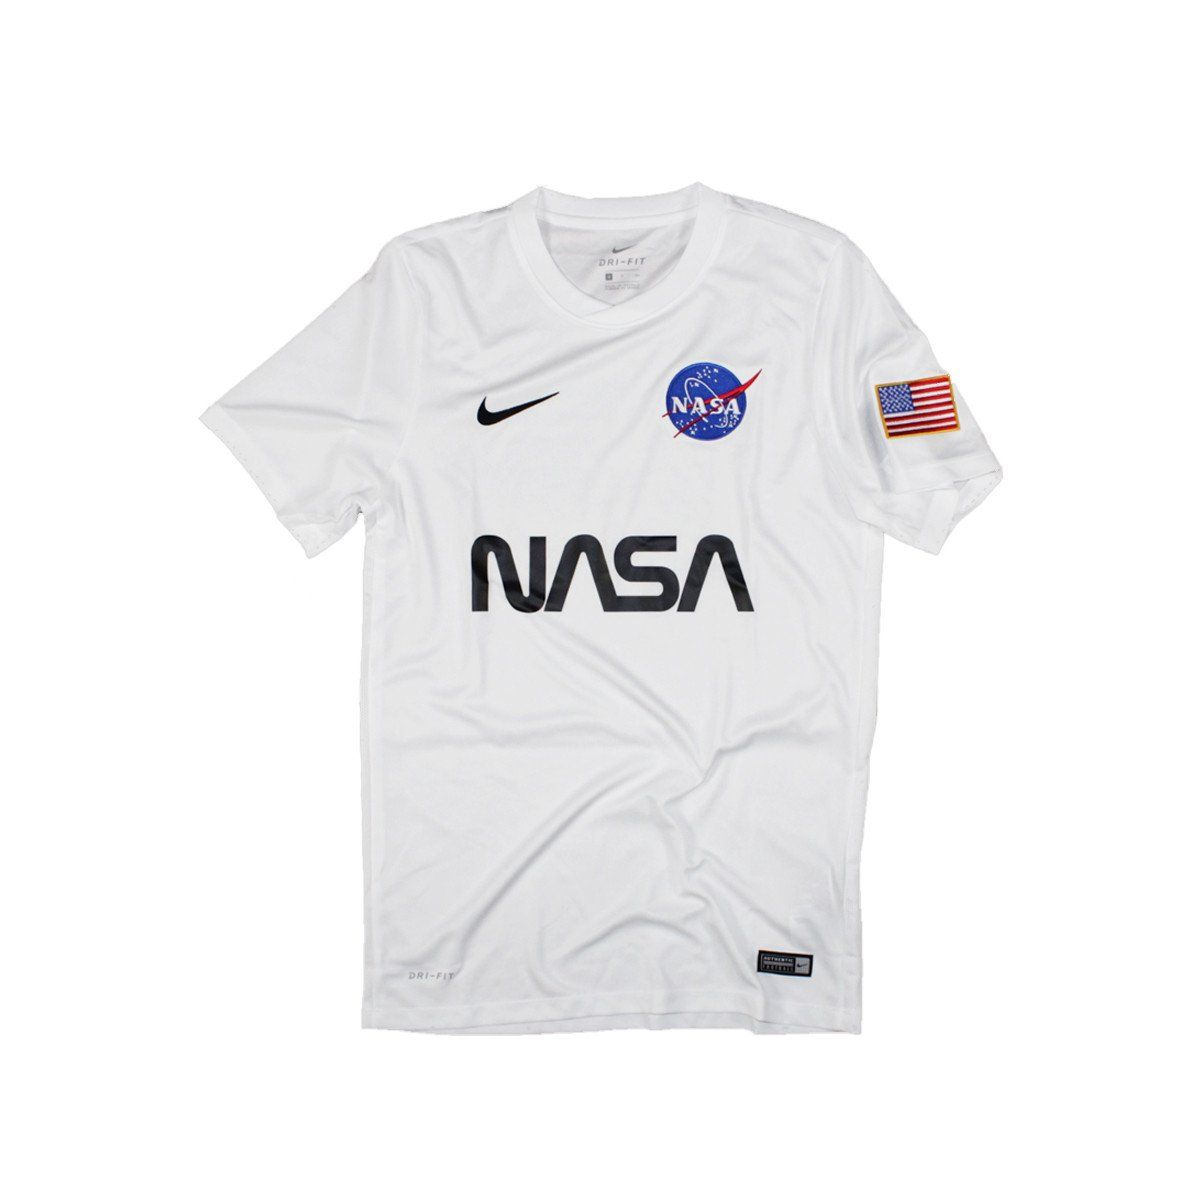 Nasa Astronaut Jersey Nasa Shirt Nasa Clothes Mens Outfits